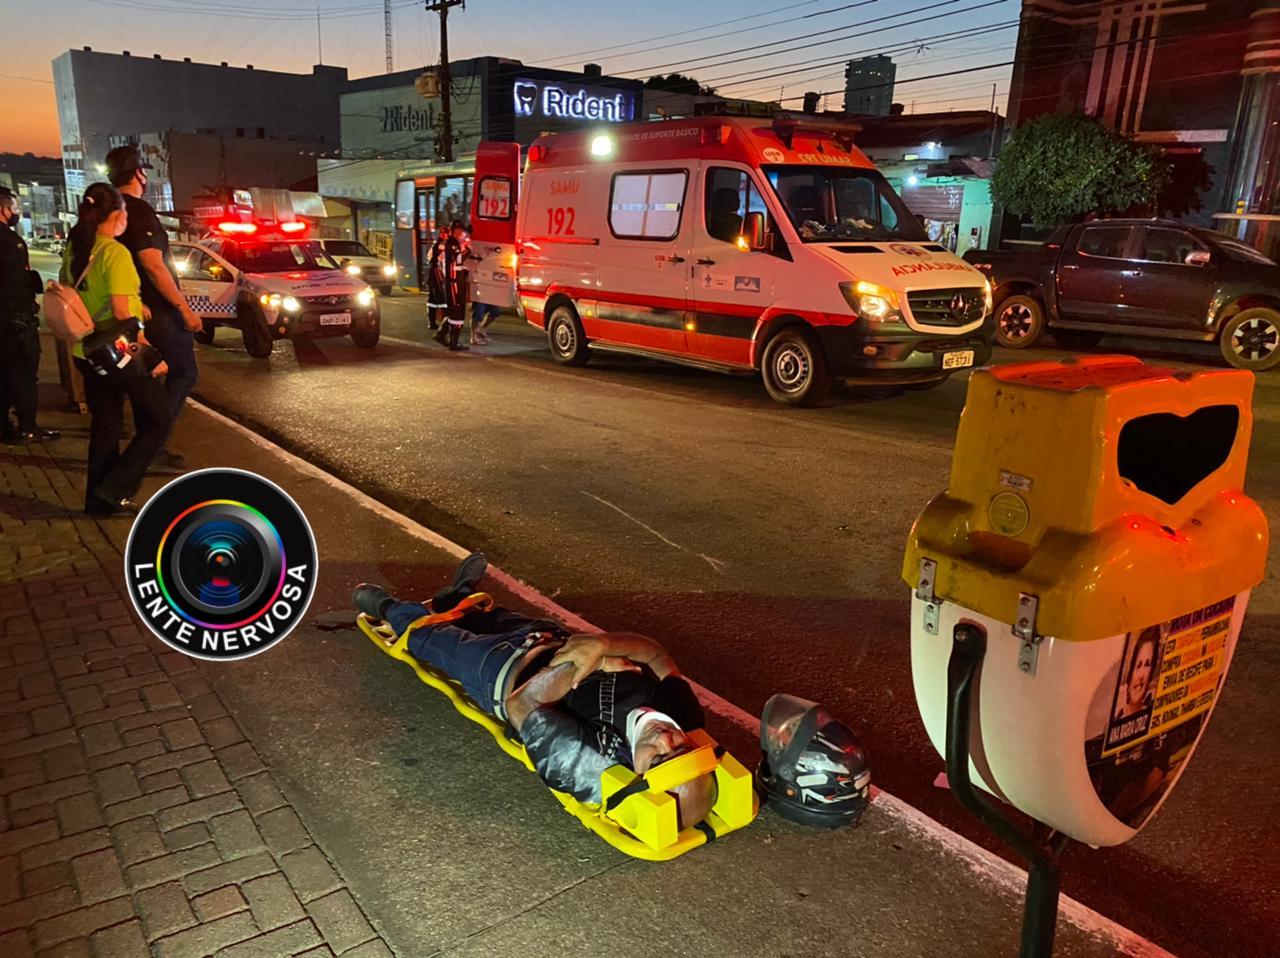 Motociclista atropela pedestre que atravessou fora da faixa no centro da capital